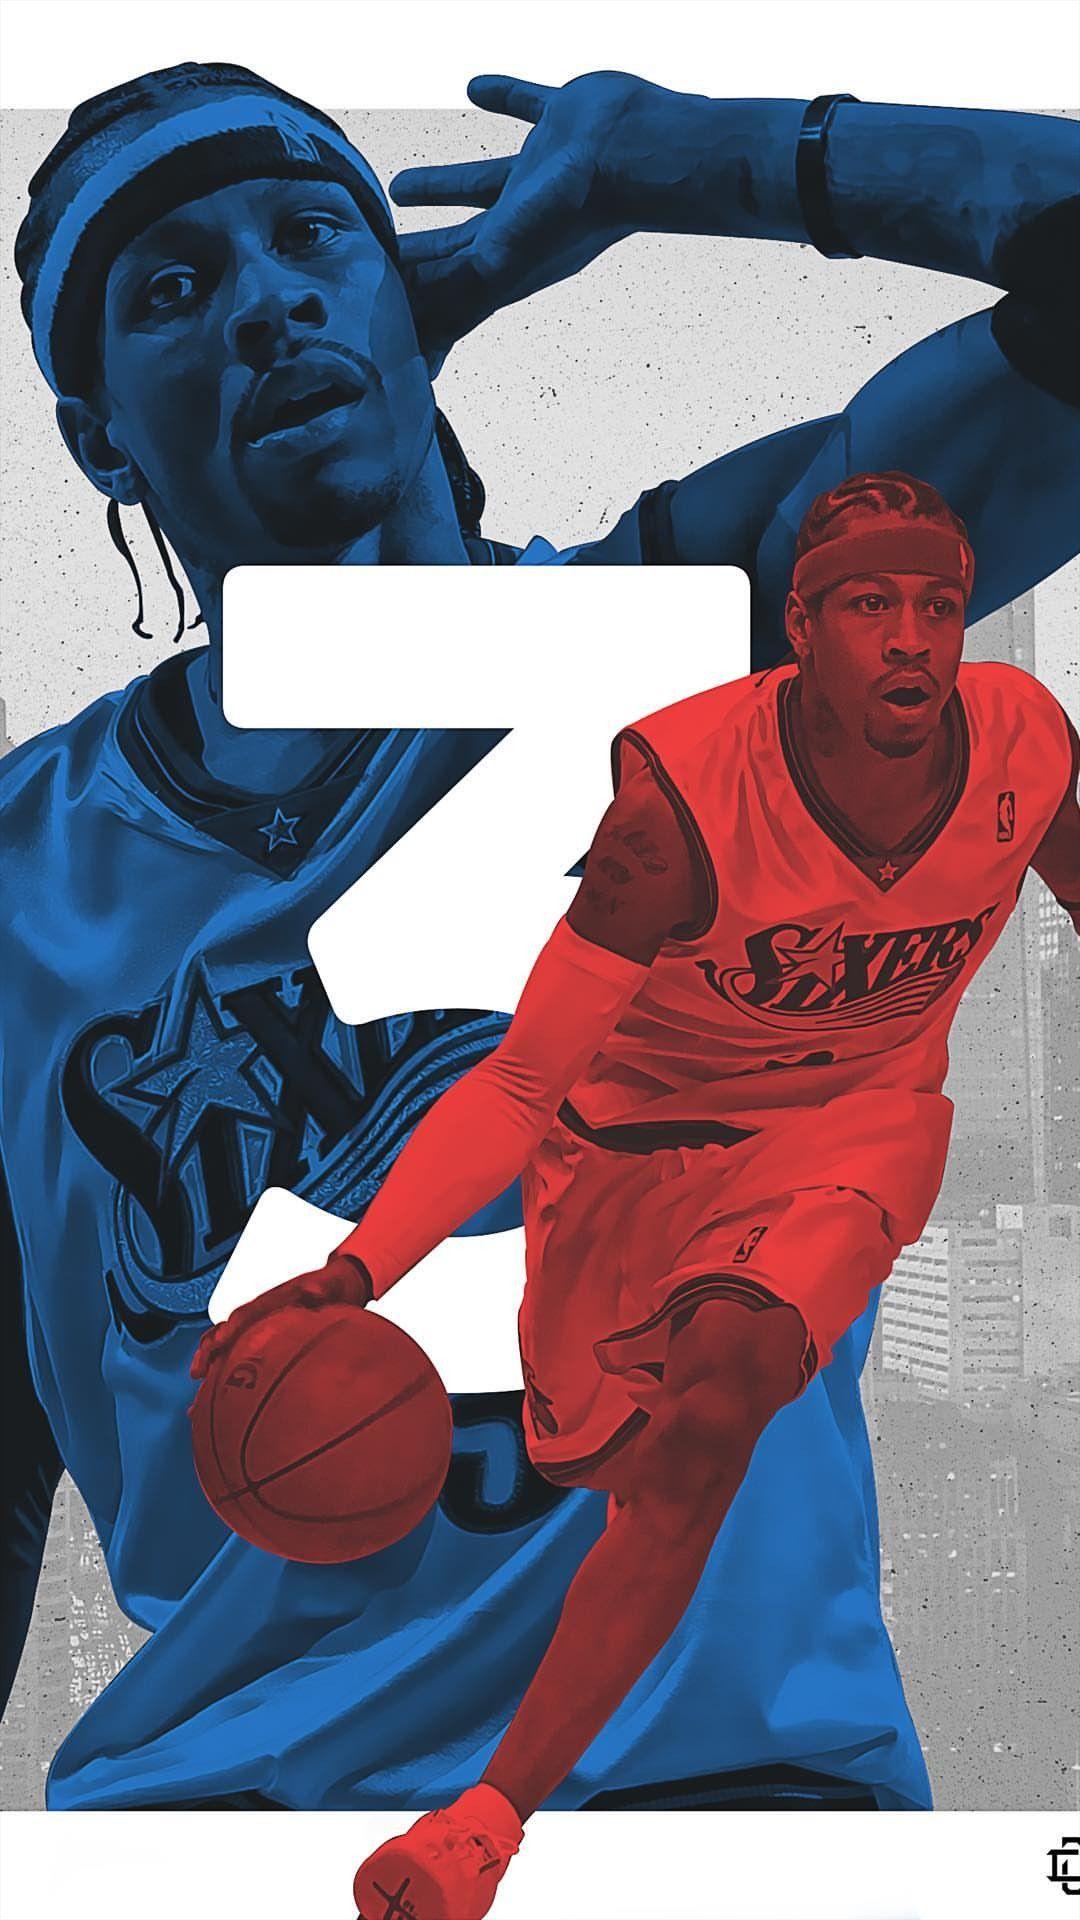 Allen Iverson Wallpaper Nba Basketball Art Nba Pictures Allen